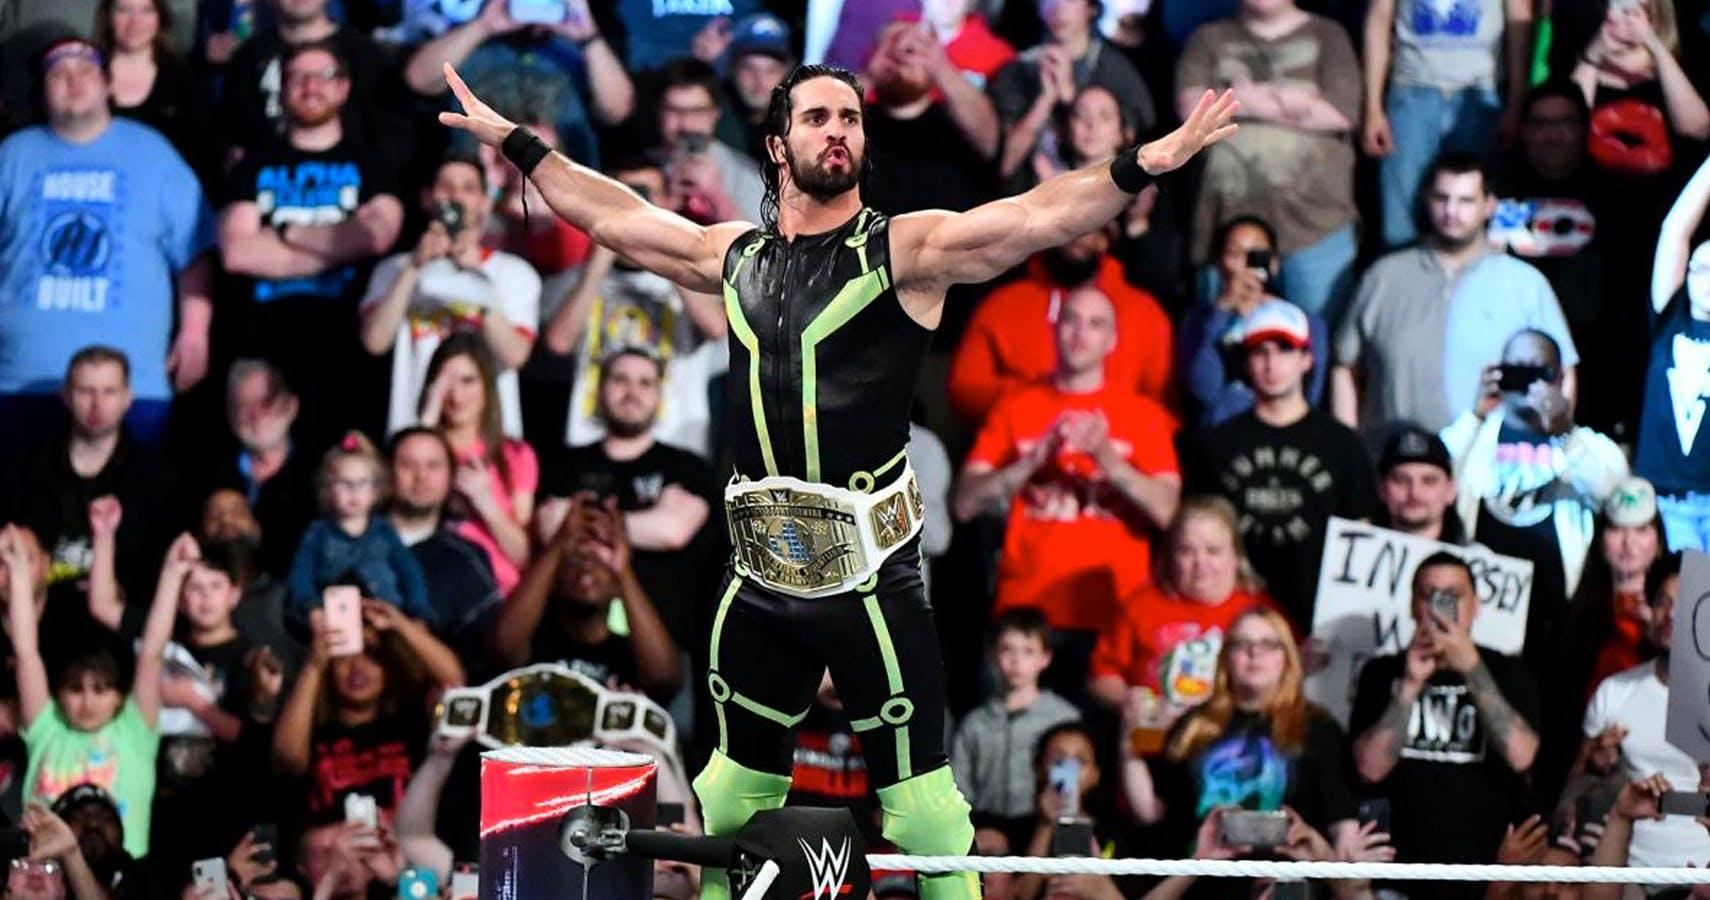 6. Seth Rollins